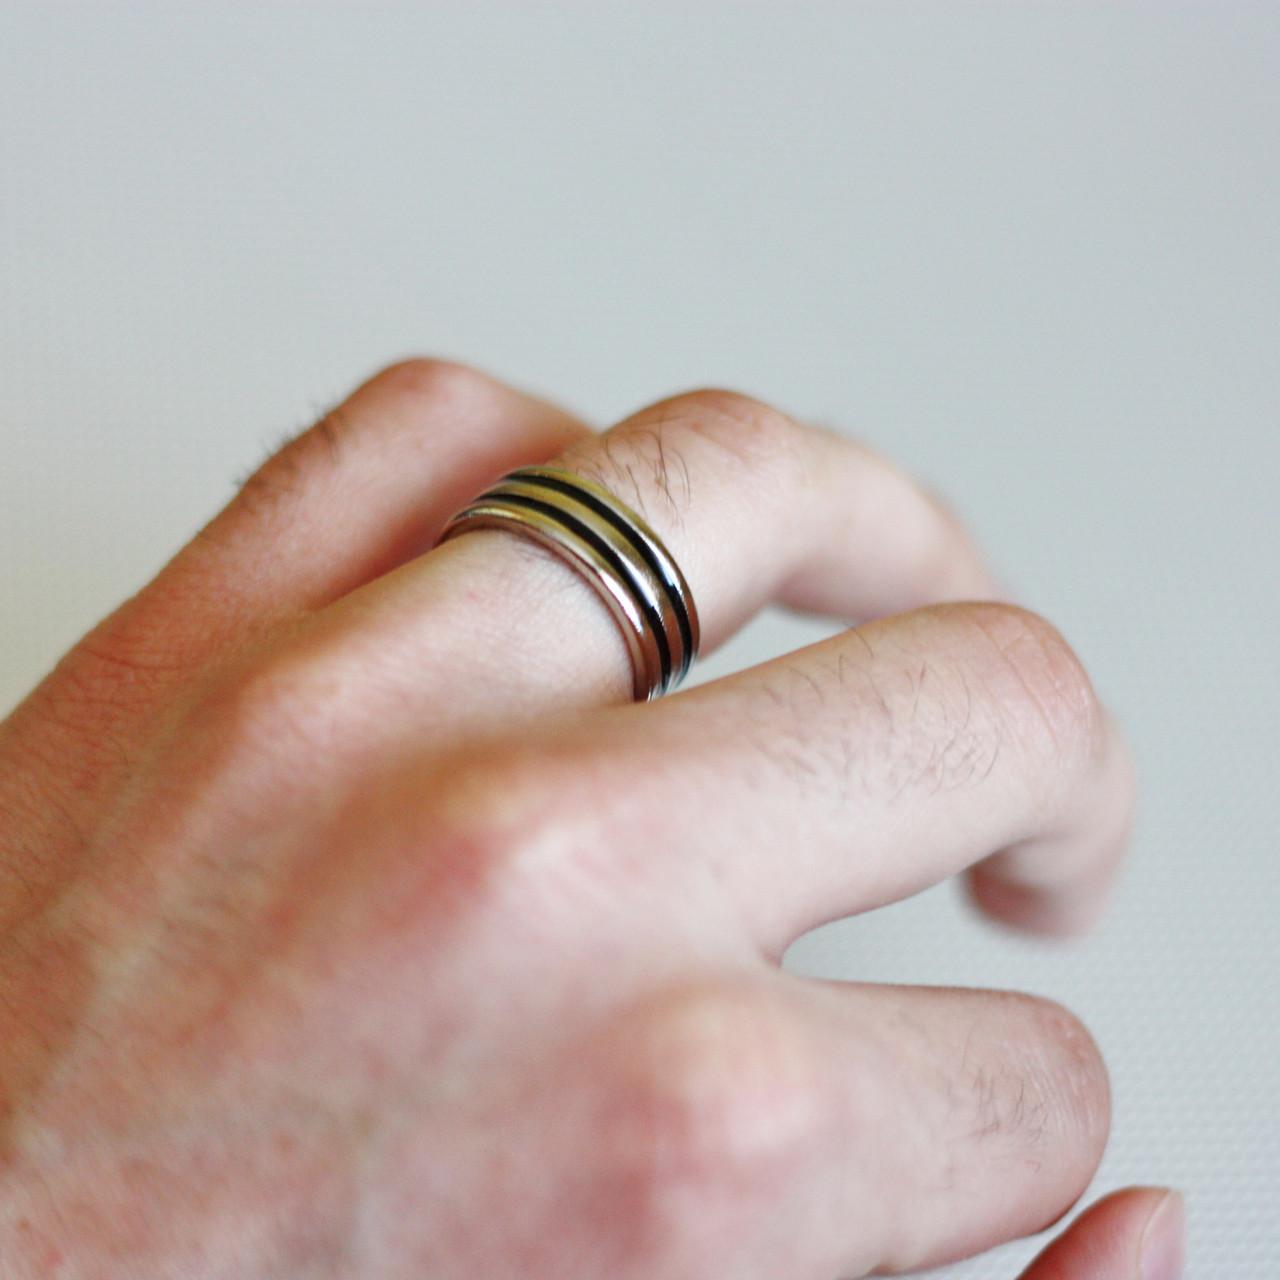 Реквизит для фокусов | Магнитное кольцо (Black line)